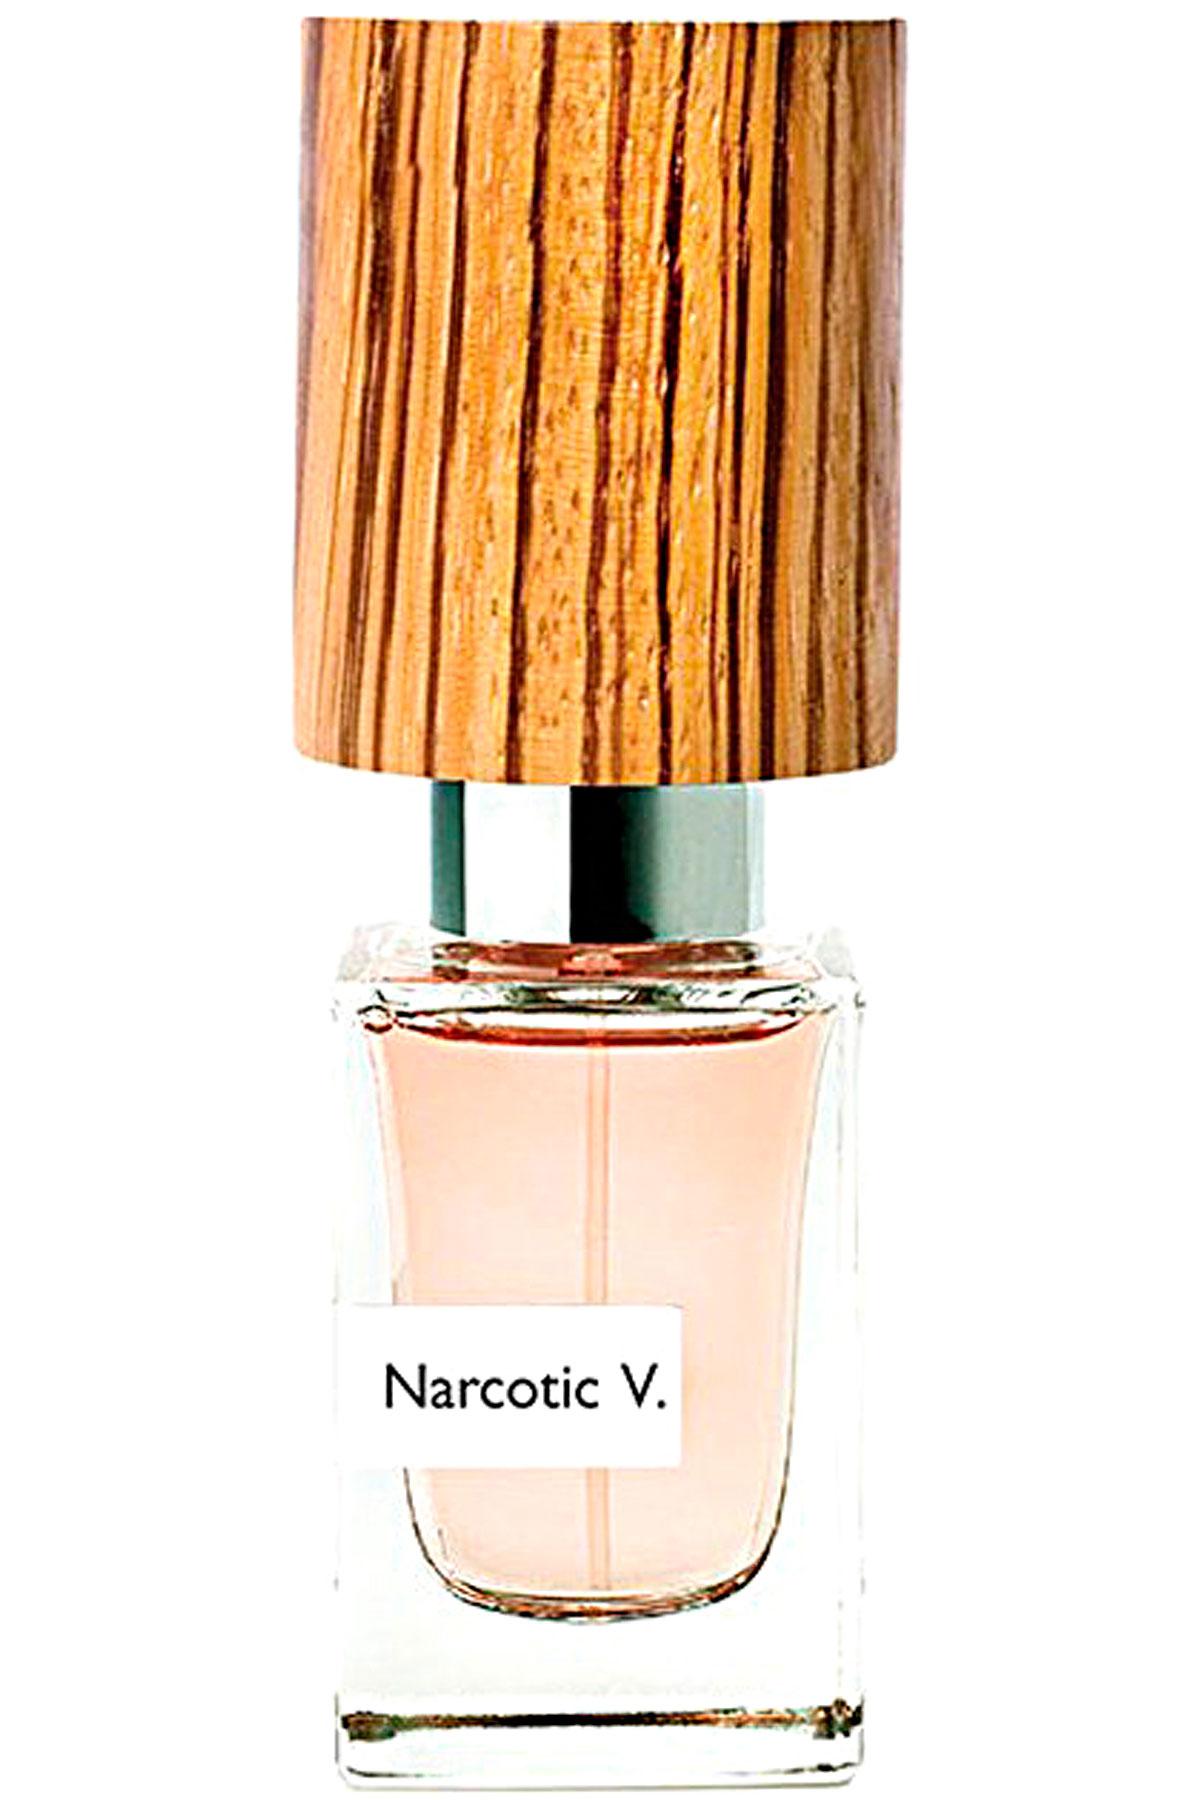 Nasomatto Fragrances for Women, Narcotic Venus - Extrait De Parfum - 30 Ml, 2019, 30 ml